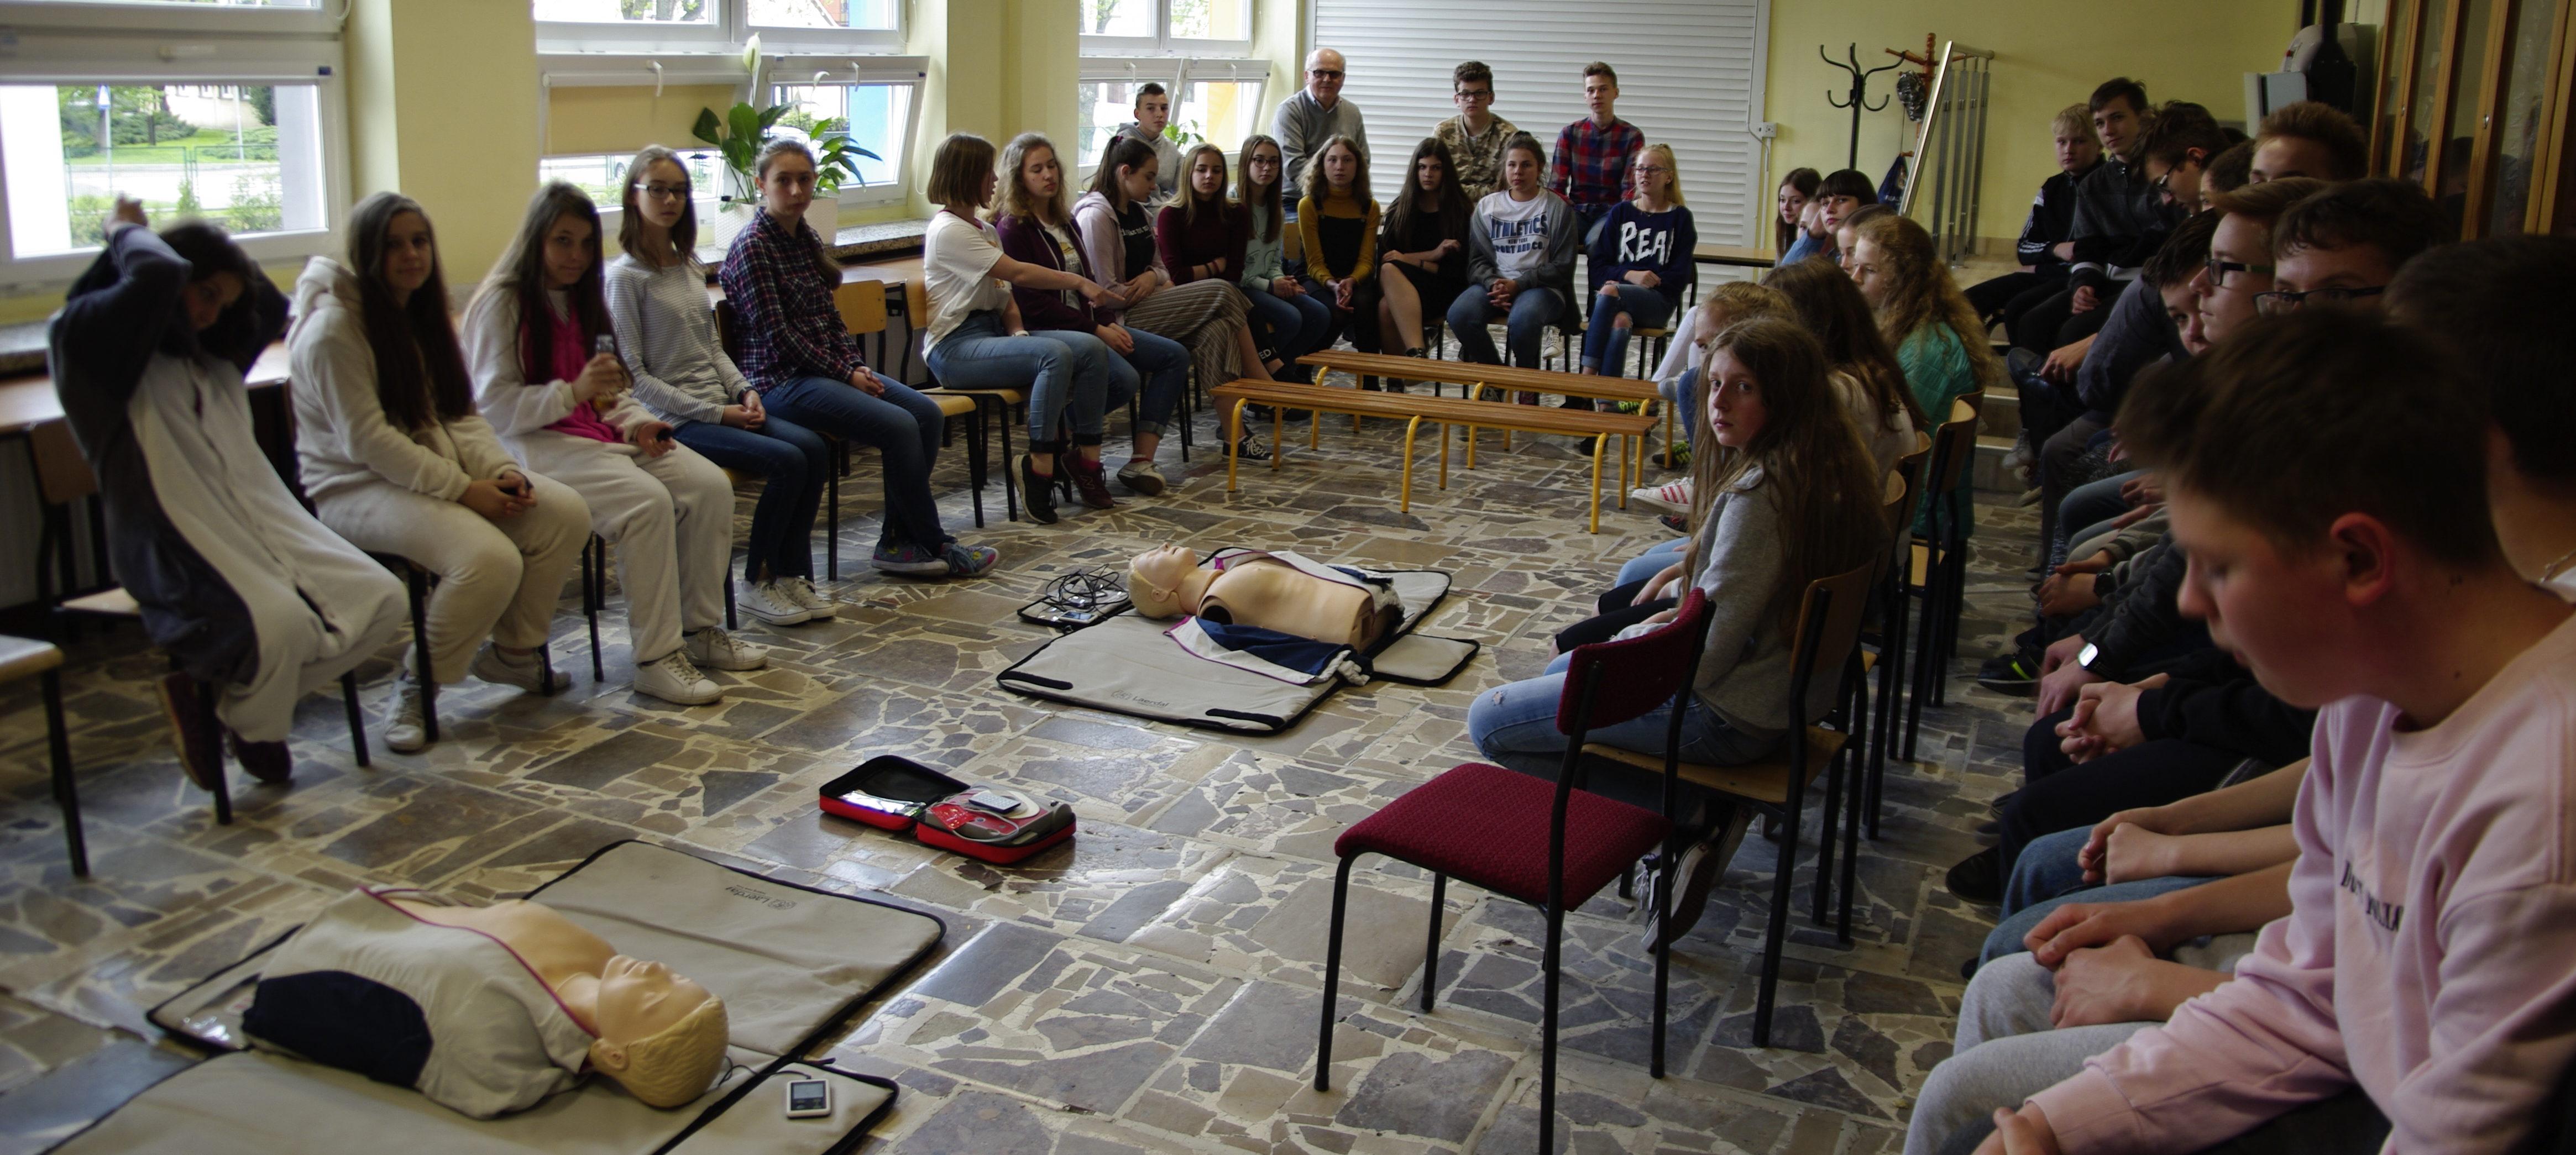 Zajęcia szkoleniowe w zakresie kwalifikowanej pierwszej pomocy